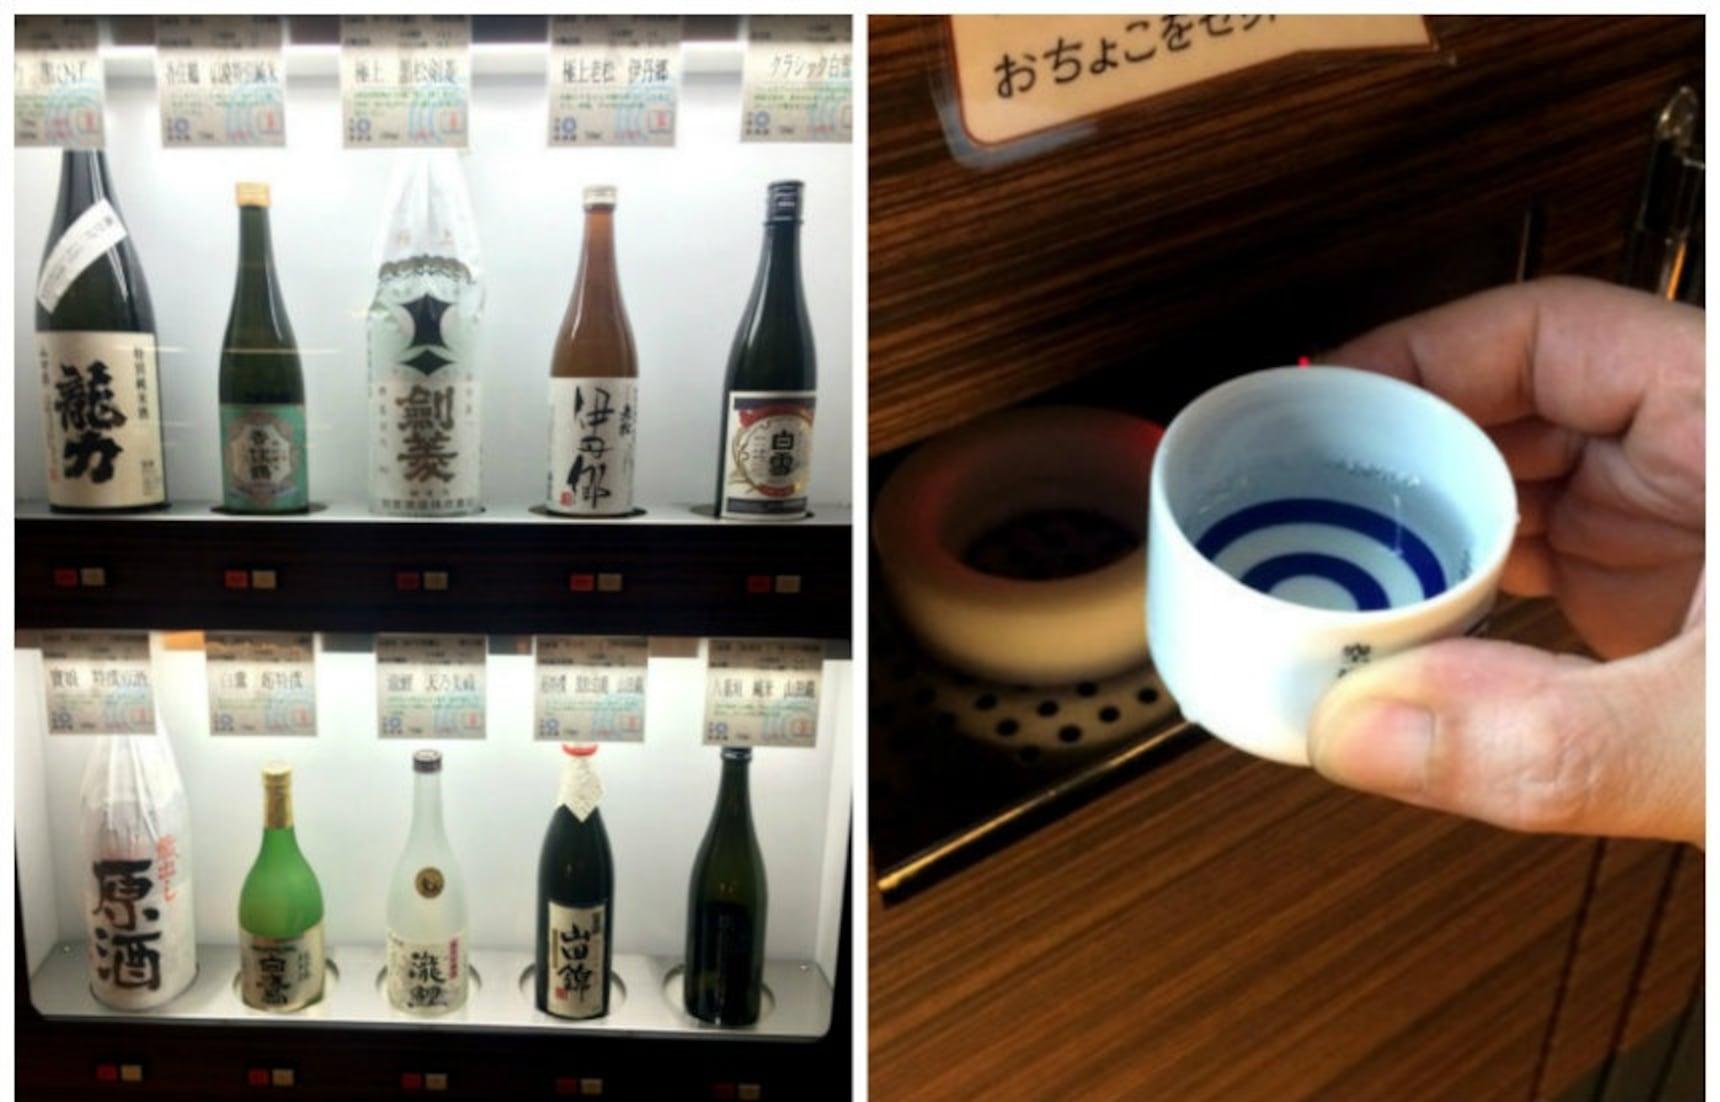 음료수 자판기? 아니죠! 사케자판기